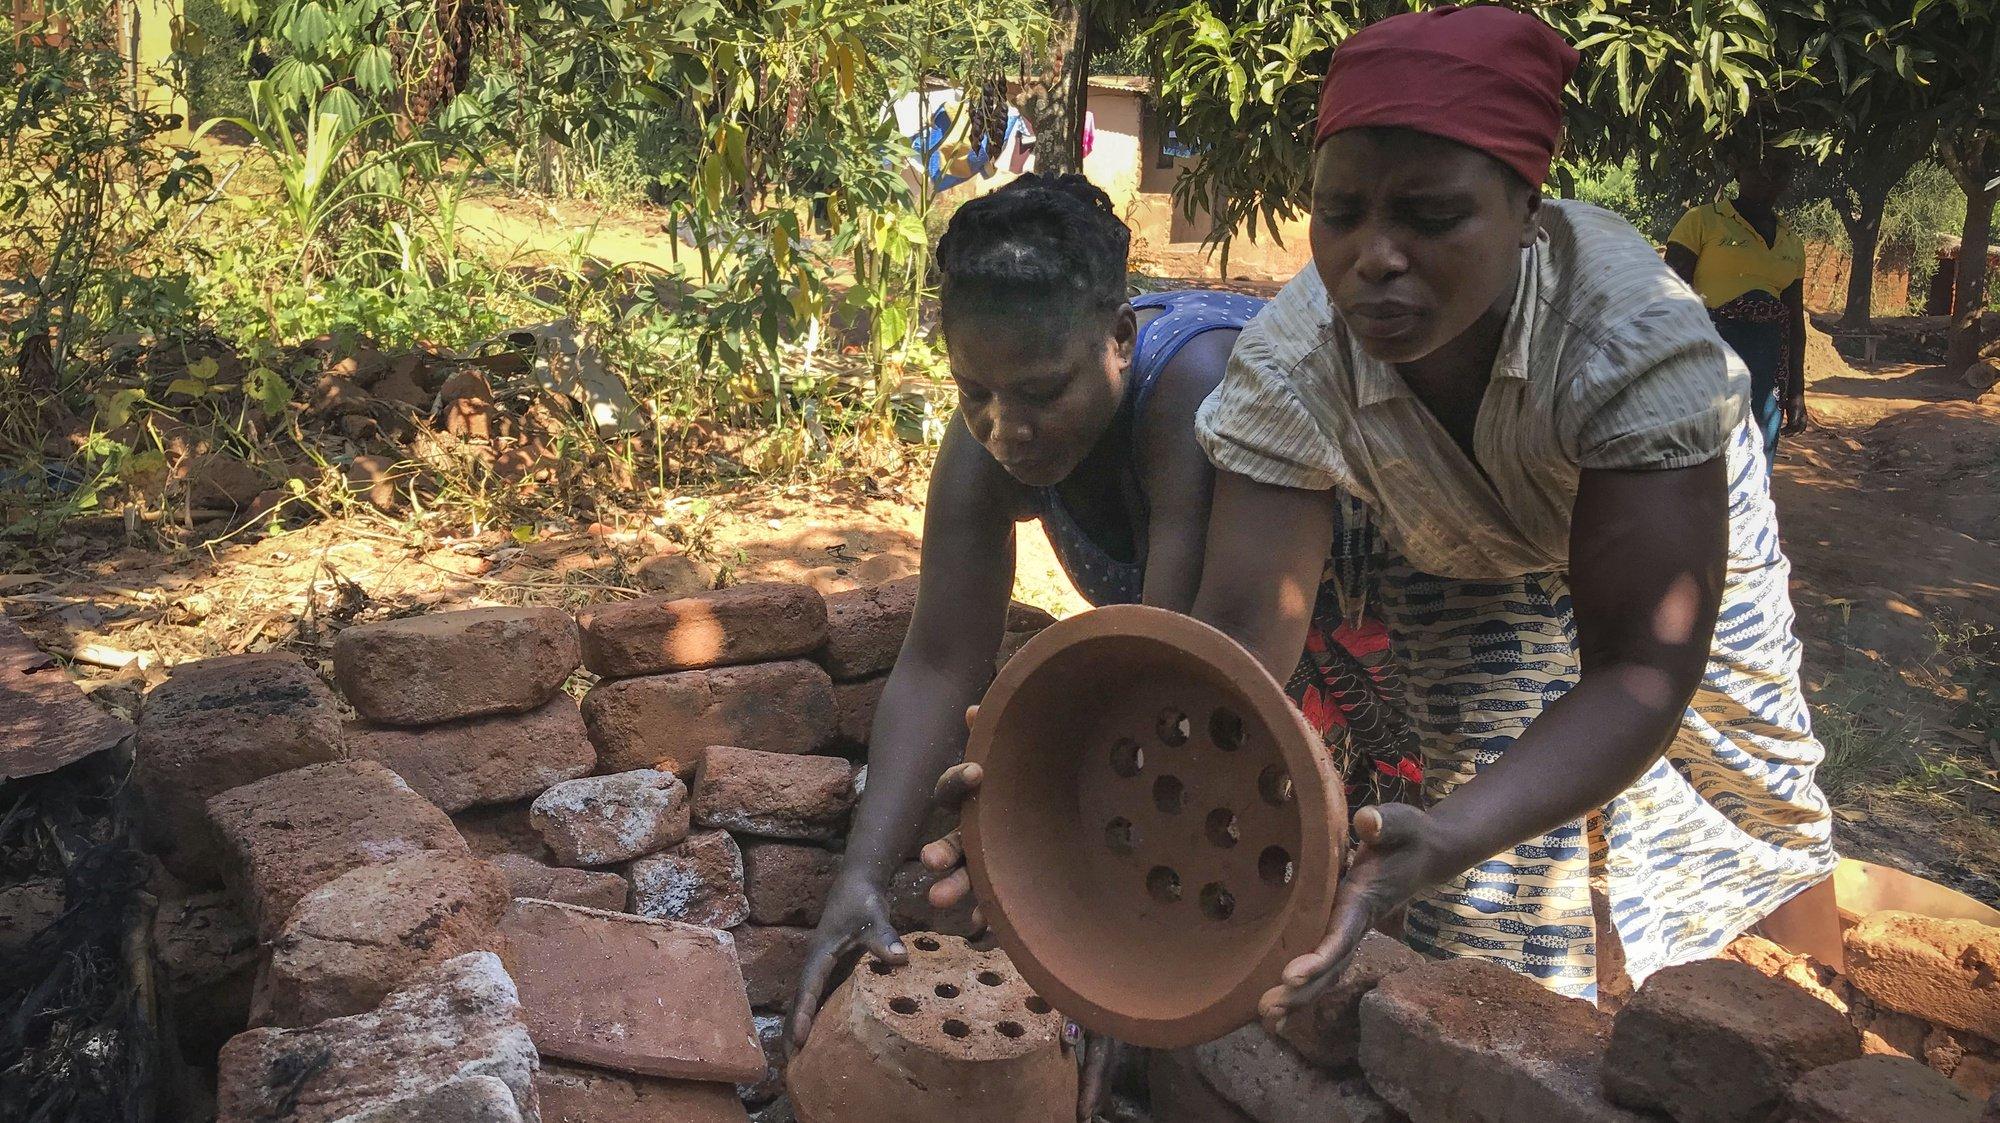 Mulheres produzem fogareiros de barro, também chamados de fogões 'poupa-lenha', Chimoio, Moçambique, 28 de maio de 2021. Centenas de famílias em Chimoio fabricam e usam fogões 'poupa-lenha', concebidos para poupar 80% do combustível consumido a fogo aberto, reduzindo a pressão sobre as florestas. (ACOMPANHA TEXTO DE 30/05/2021) ANDRÉ CATUEIRA/LUSA